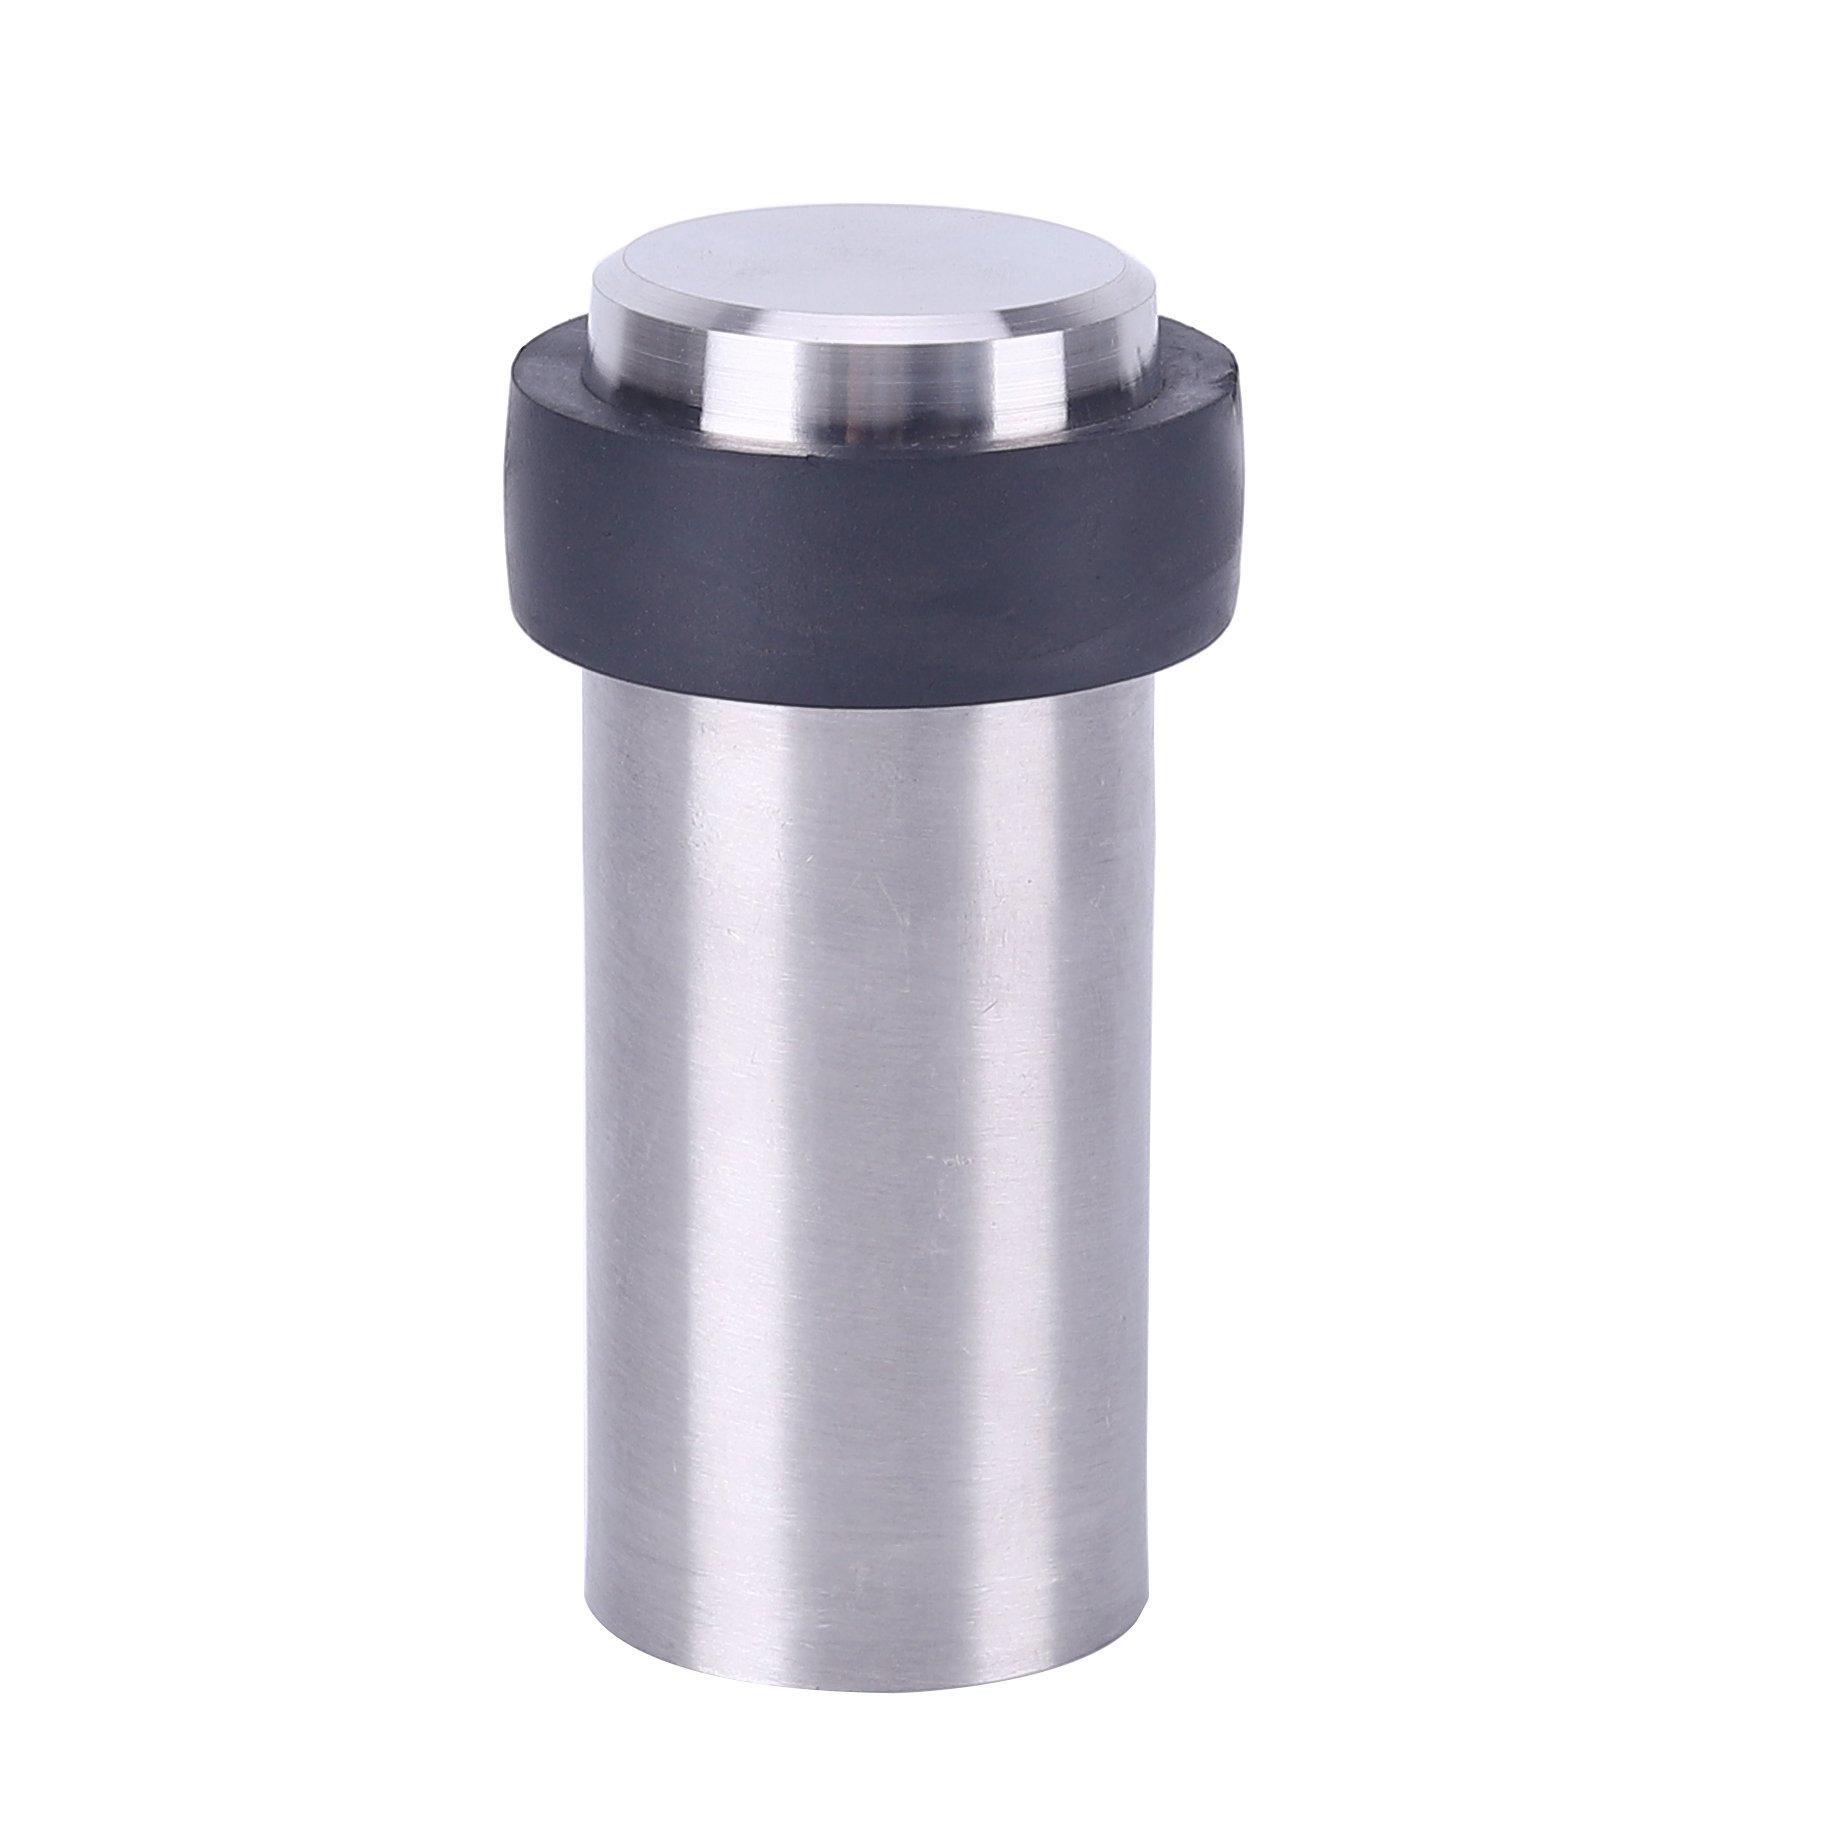 TPOHH Cylindrical Floor Mount Door Stop, Brushed Nickel 3-1/8'' Height